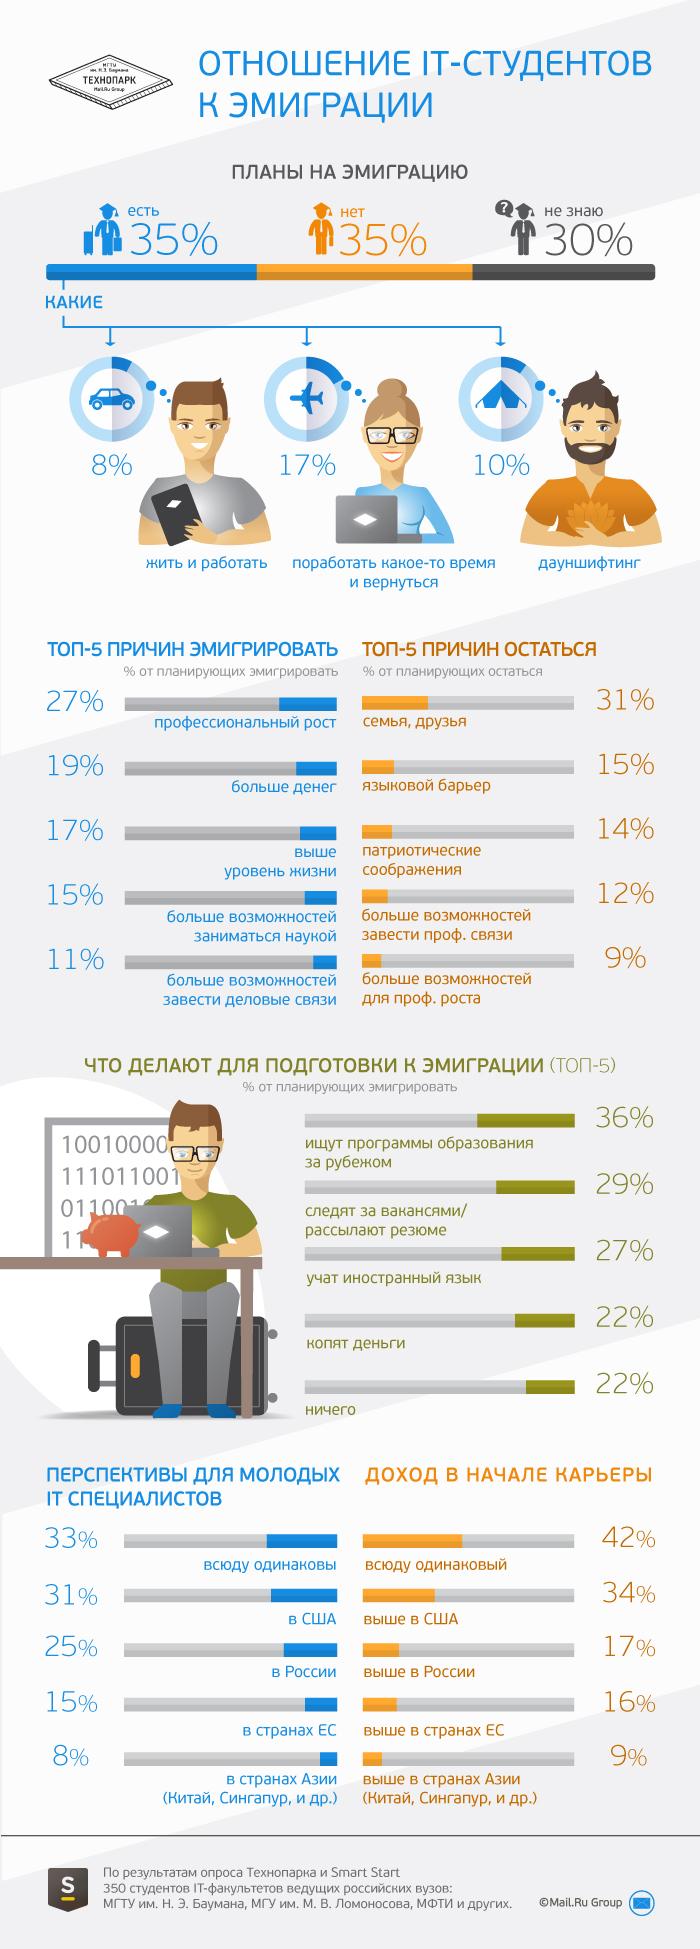 Эмигрировать хотя бы временно хотят 35% российских IT-студентов - 1